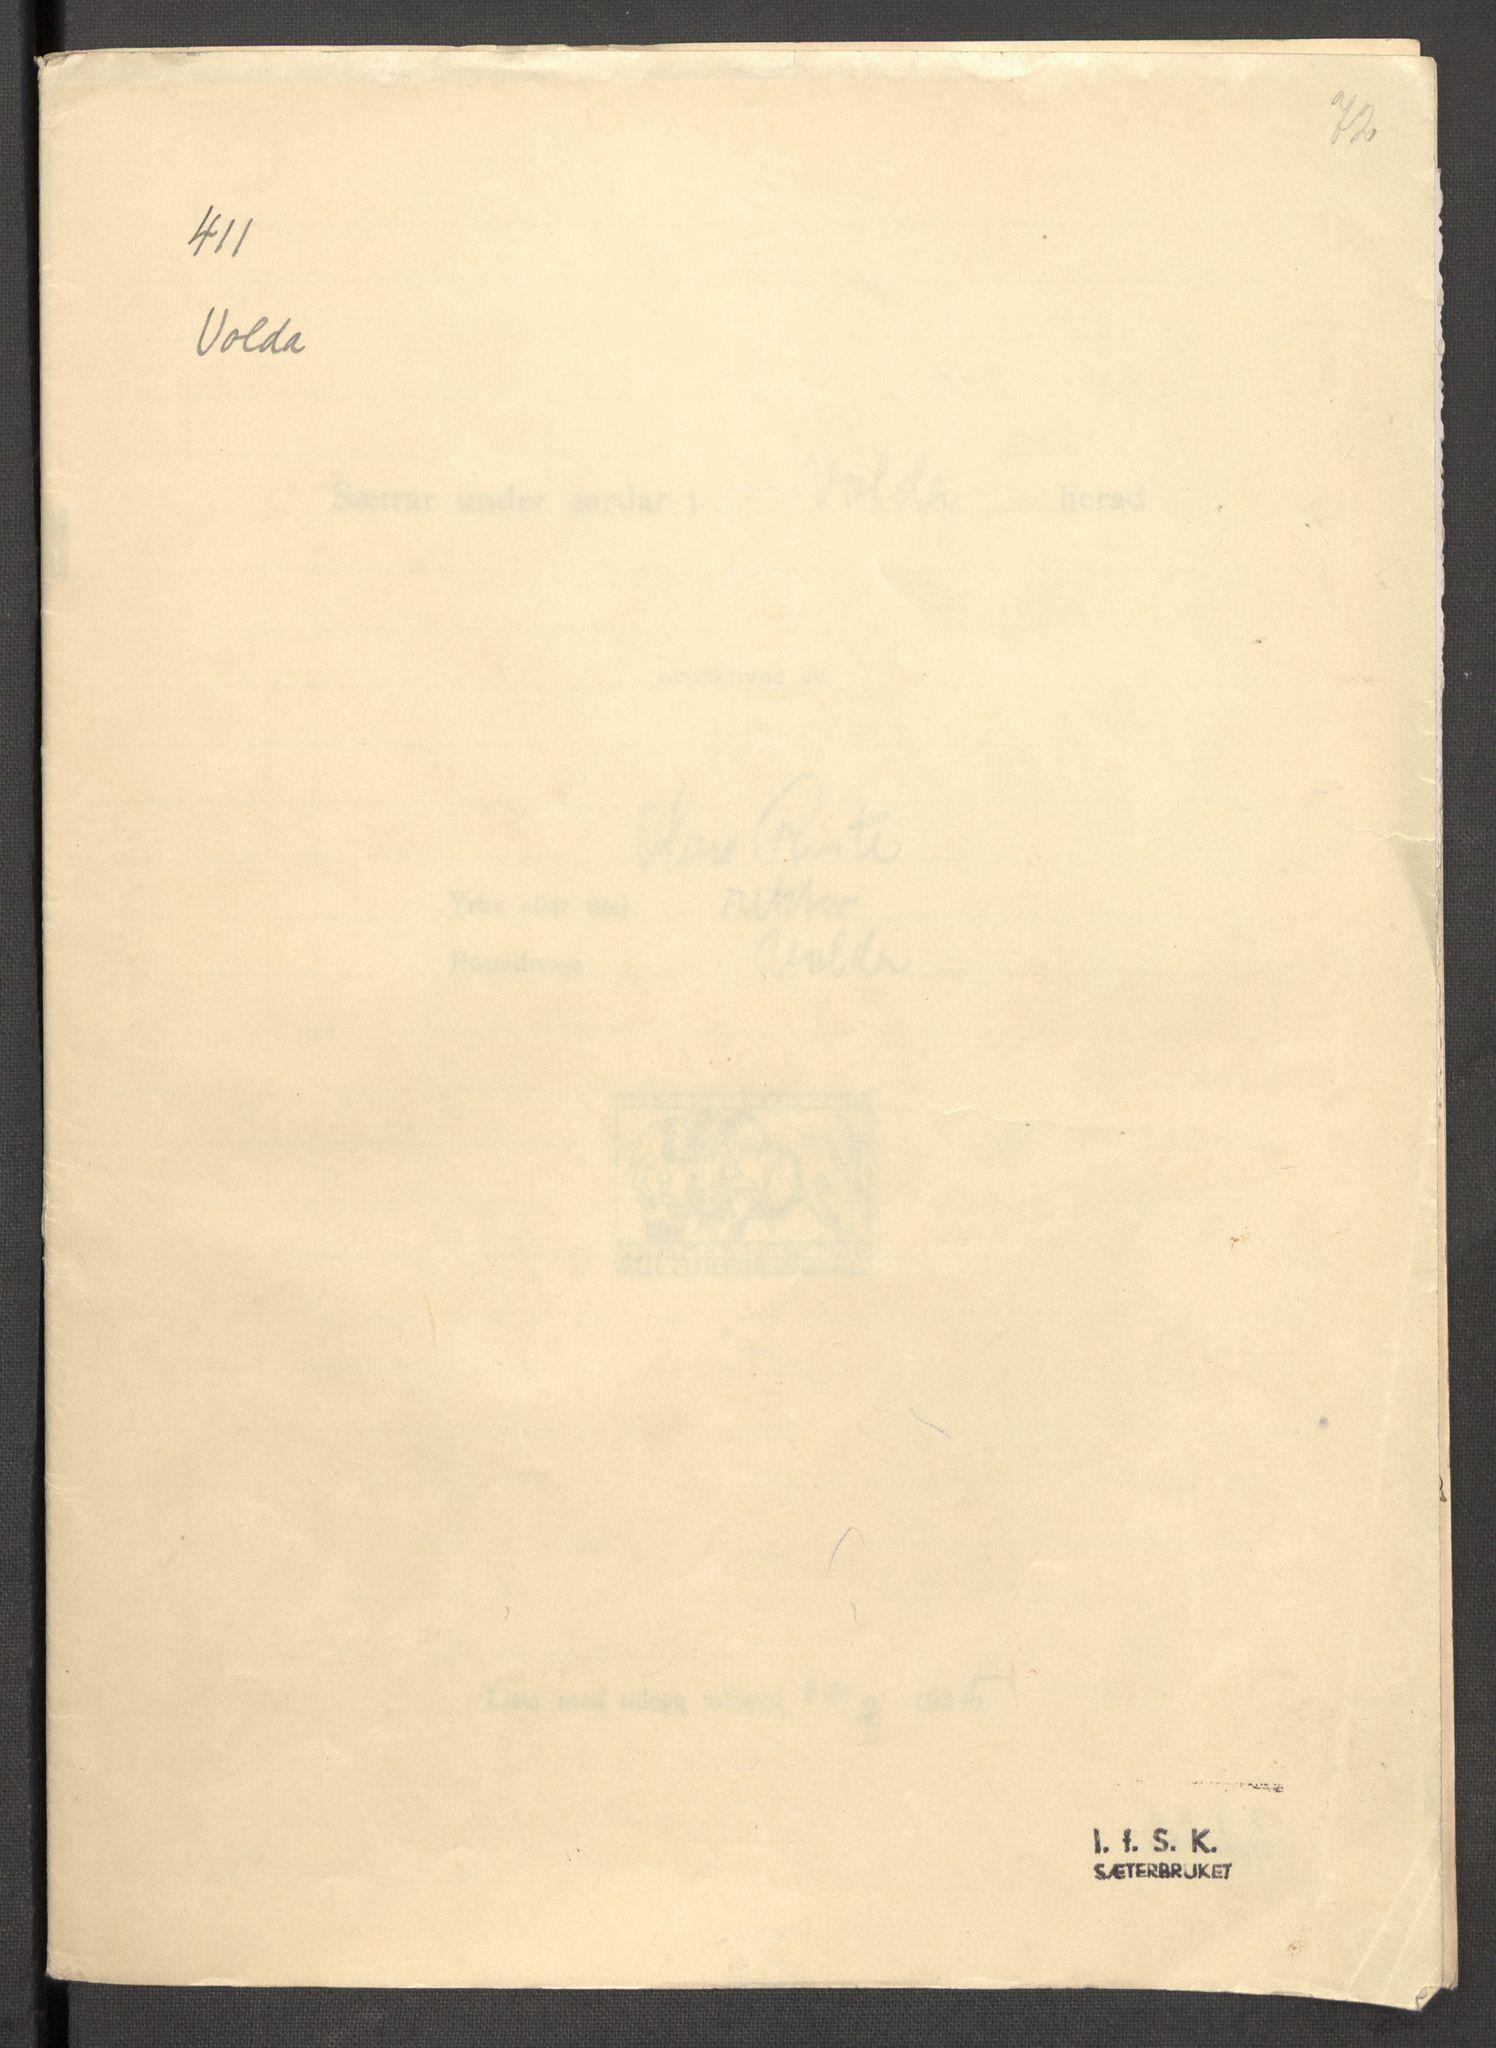 RA, Instituttet for sammenlignende kulturforskning, F/Fc/L0012: Eske B12:, 1934-1936, s. 72